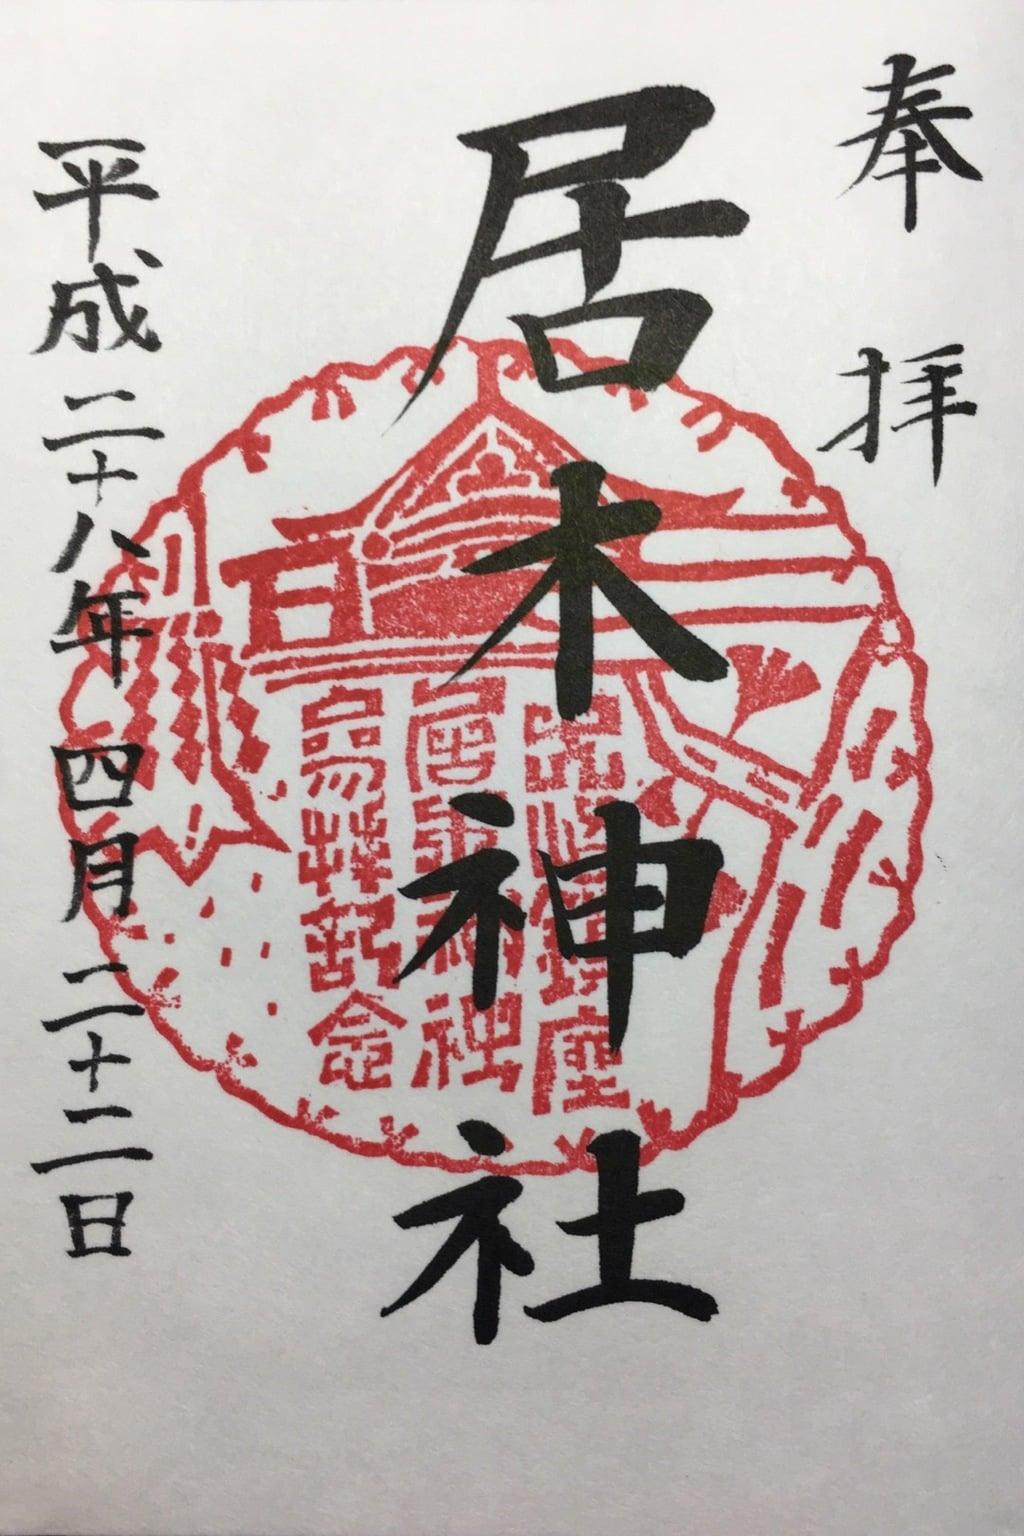 居木神社の御朱印